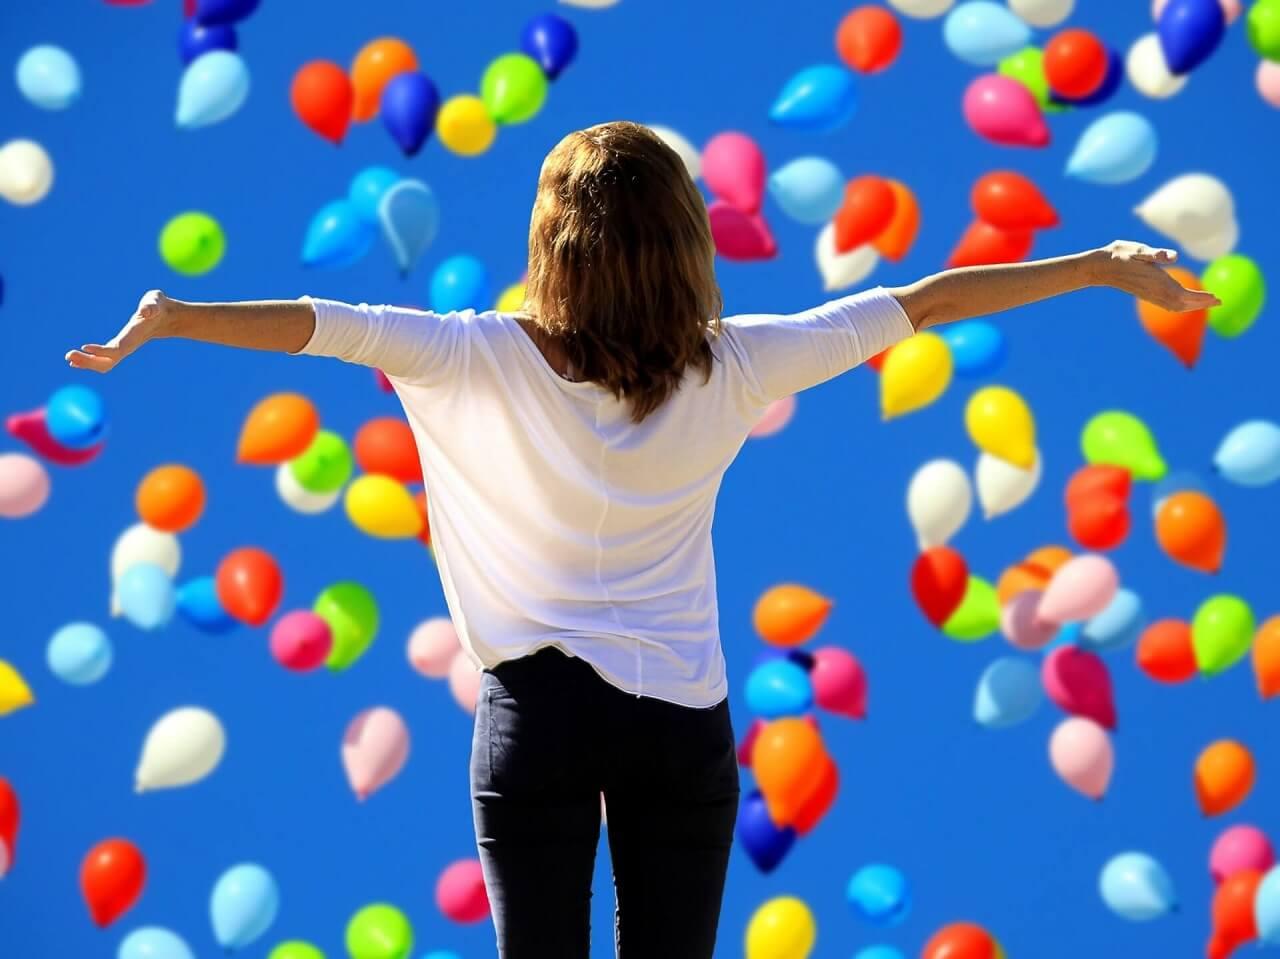 Woman look at balloons